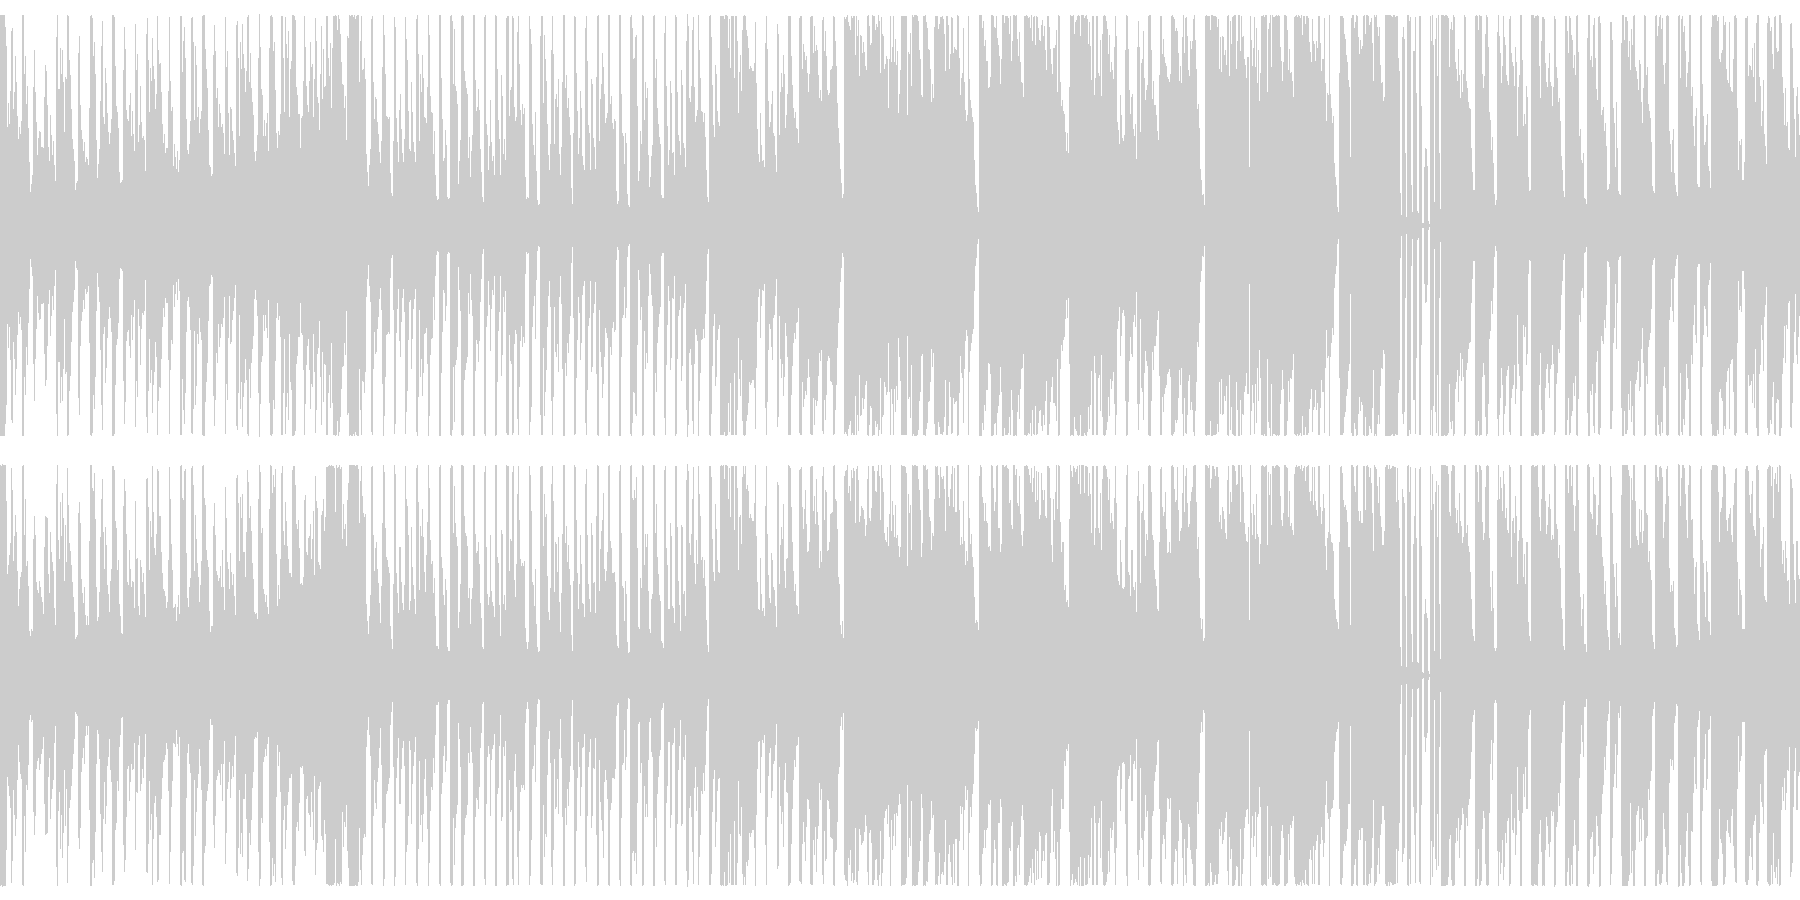 【ループ仕様】楽しげなRPGバトルBGMの未再生の波形